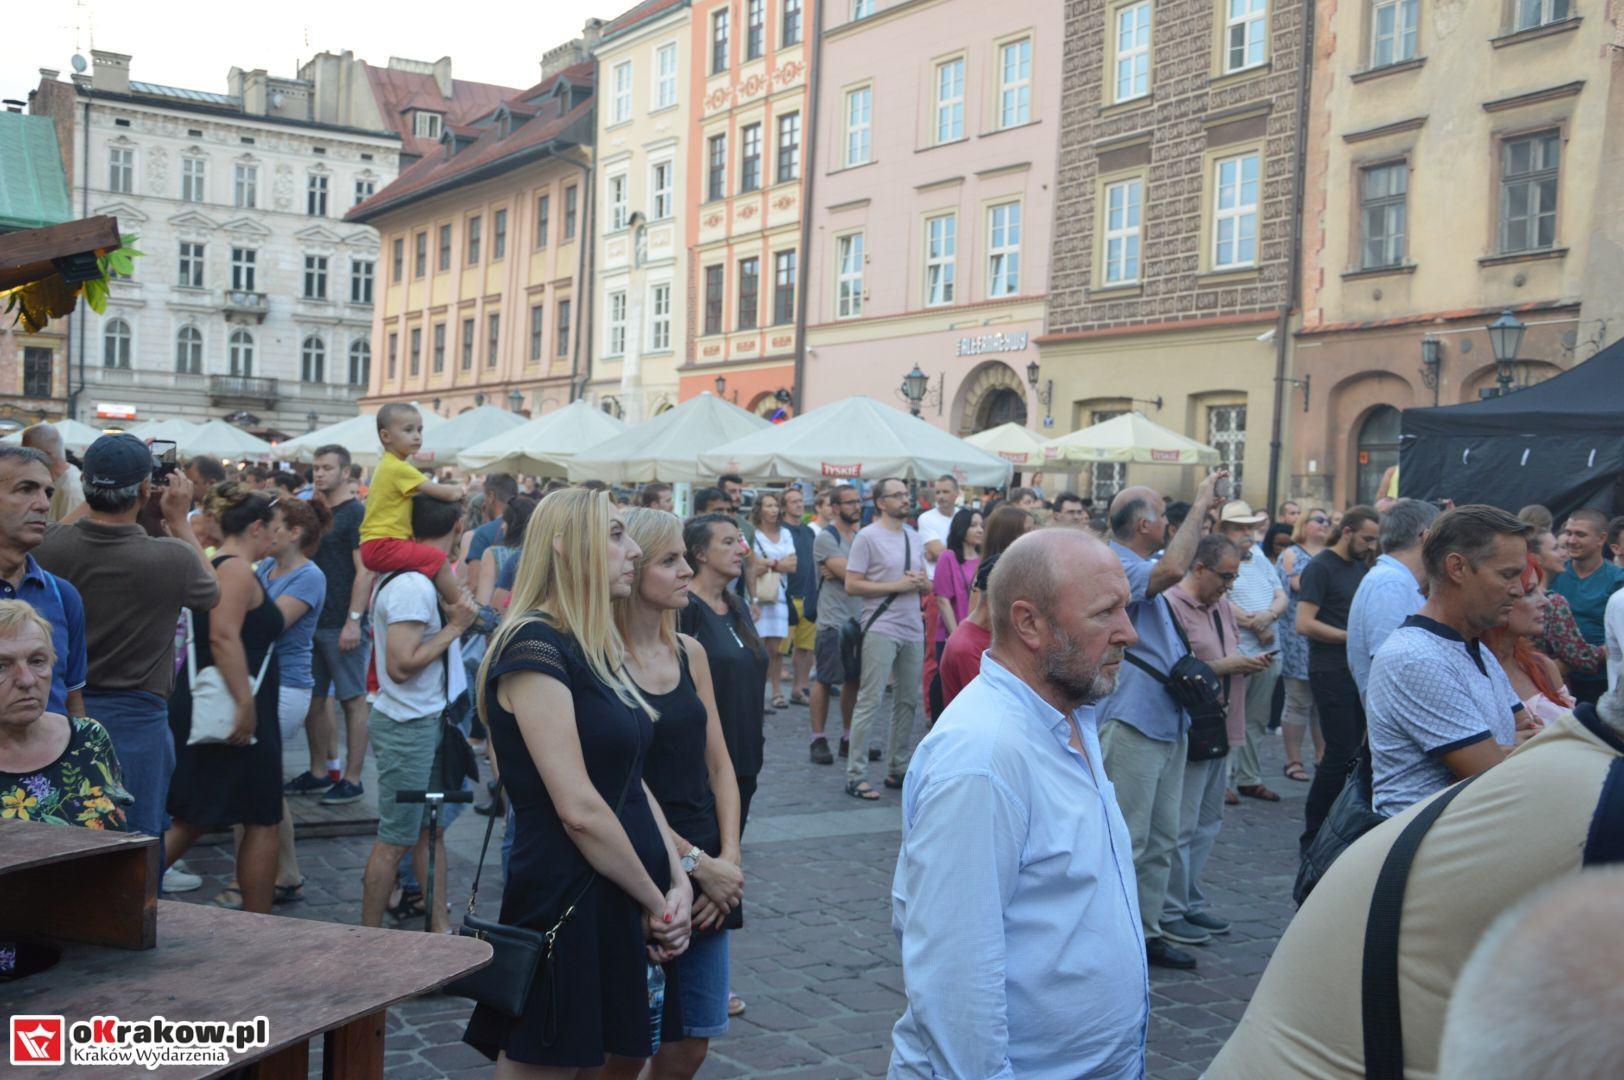 krakow festiwal pierogow maly rynek koncert cheap tobacco 154 150x150 - Galeria zdjęć Festiwal Pierogów Kraków 2018 + zdjęcia z koncertu Cheap Tobacco